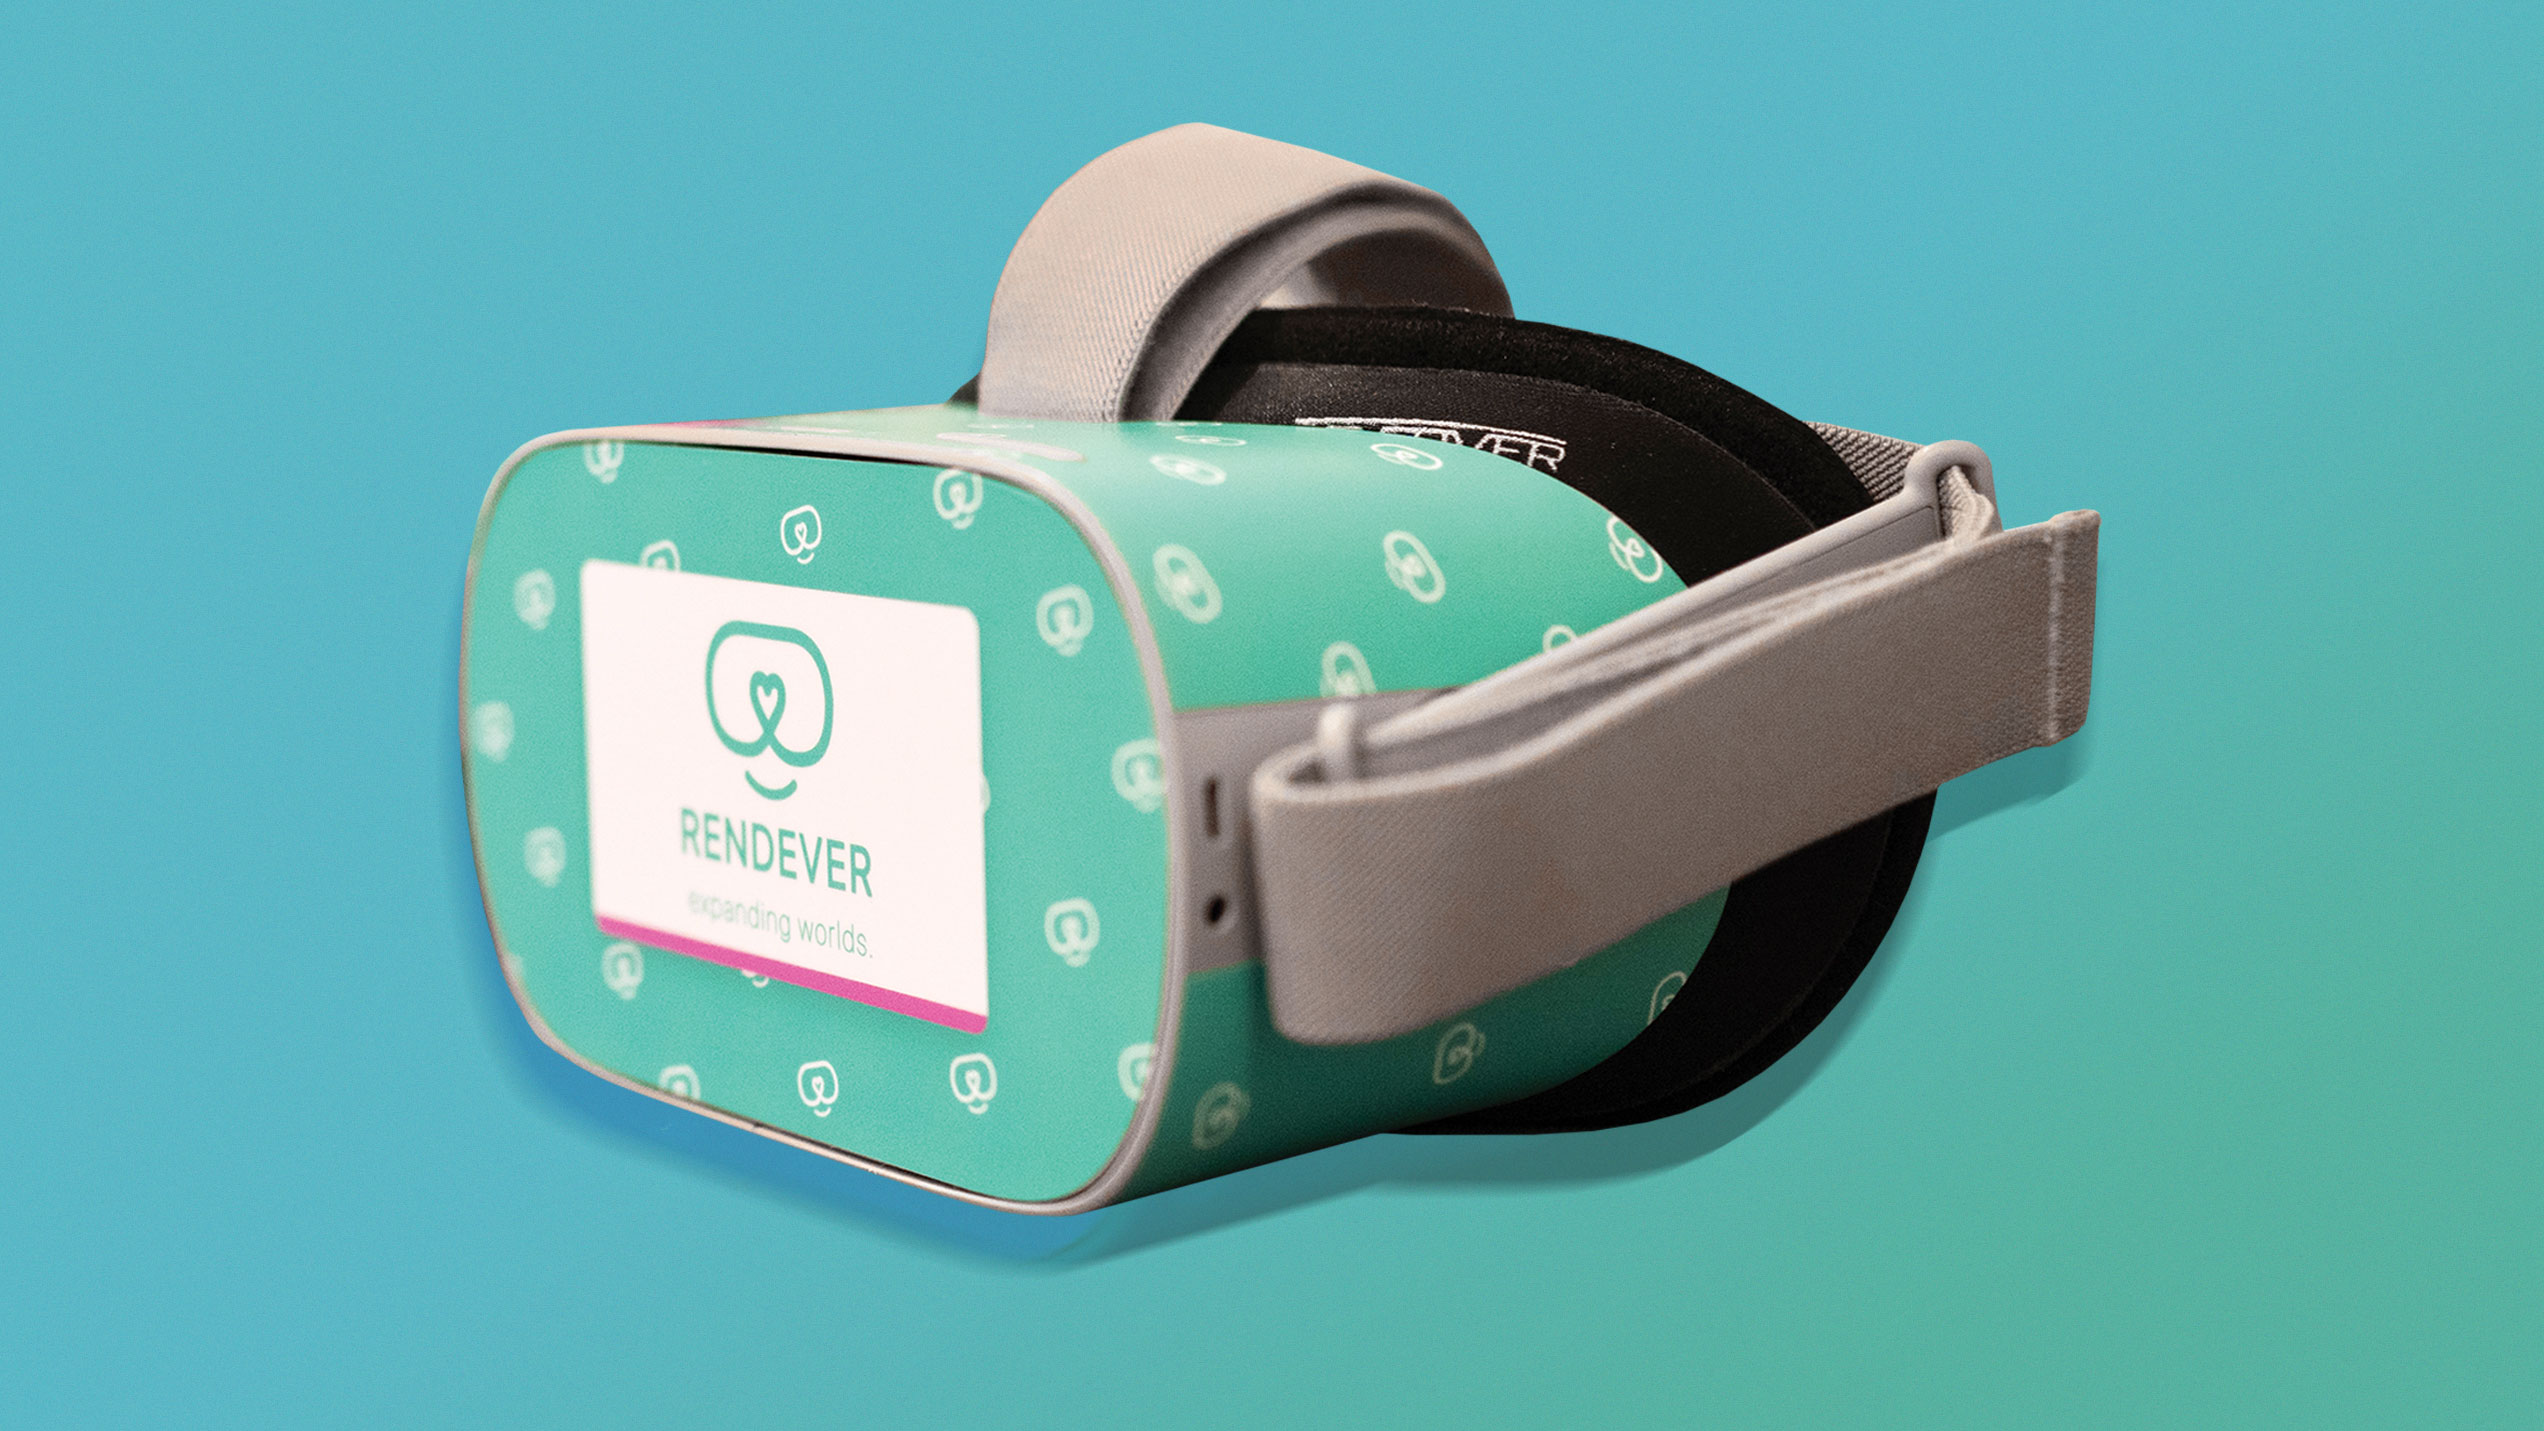 <strong> Aislamiento </strong> <br> El aislamiento social es real para muchas personas mayores. La compañía de realidad virtual Rendever fabrica auriculares que permiten a los usuarios volver a visitar viejos lugares o unirse a actividades con sus compañeros.